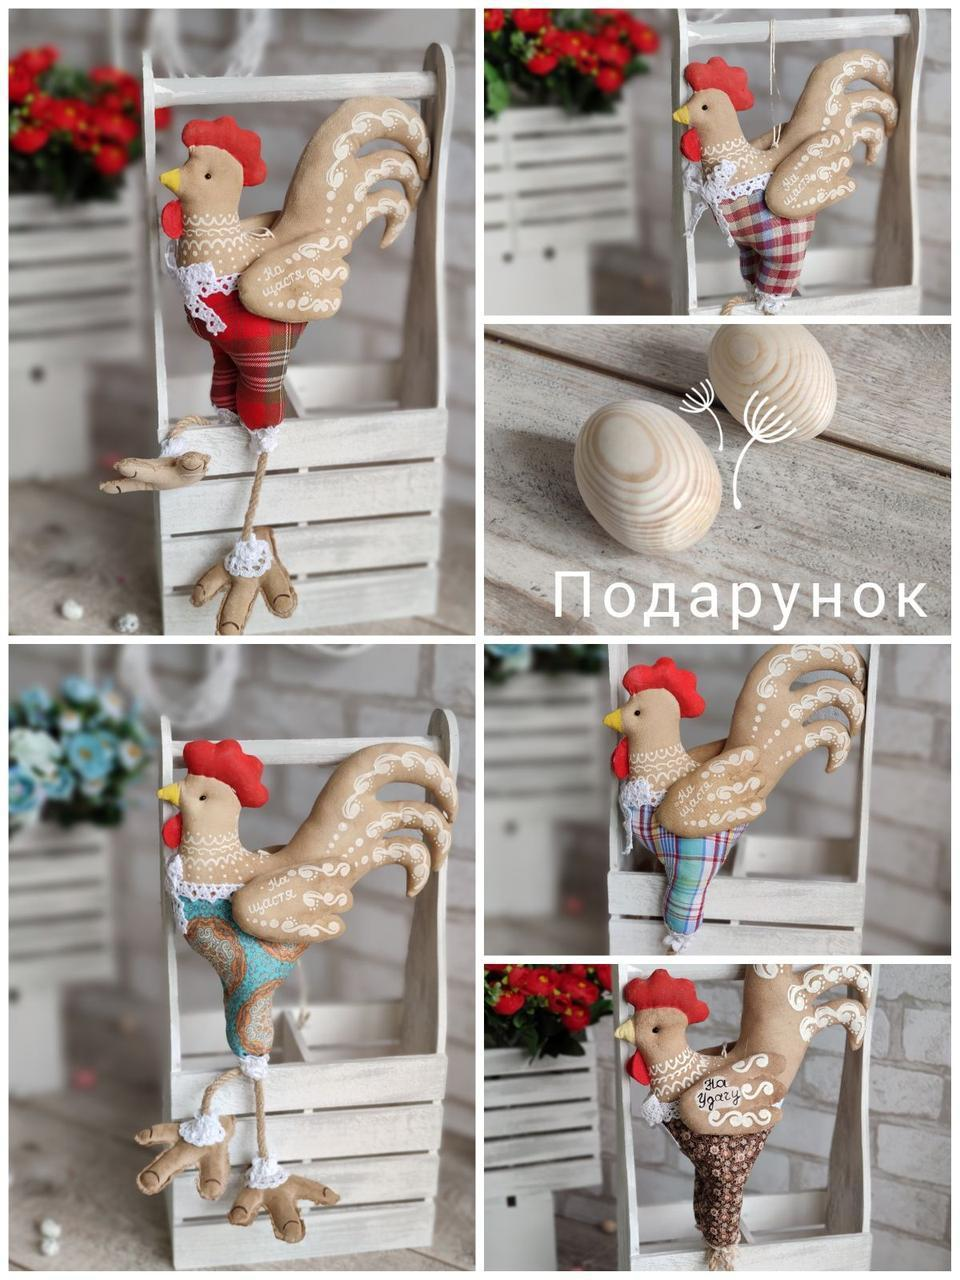 Іграшка Петя-петушок пасхальна, декоративна, авторська робота, вис.40см., 250/210 (ціна за 1шт. + 40гр.)